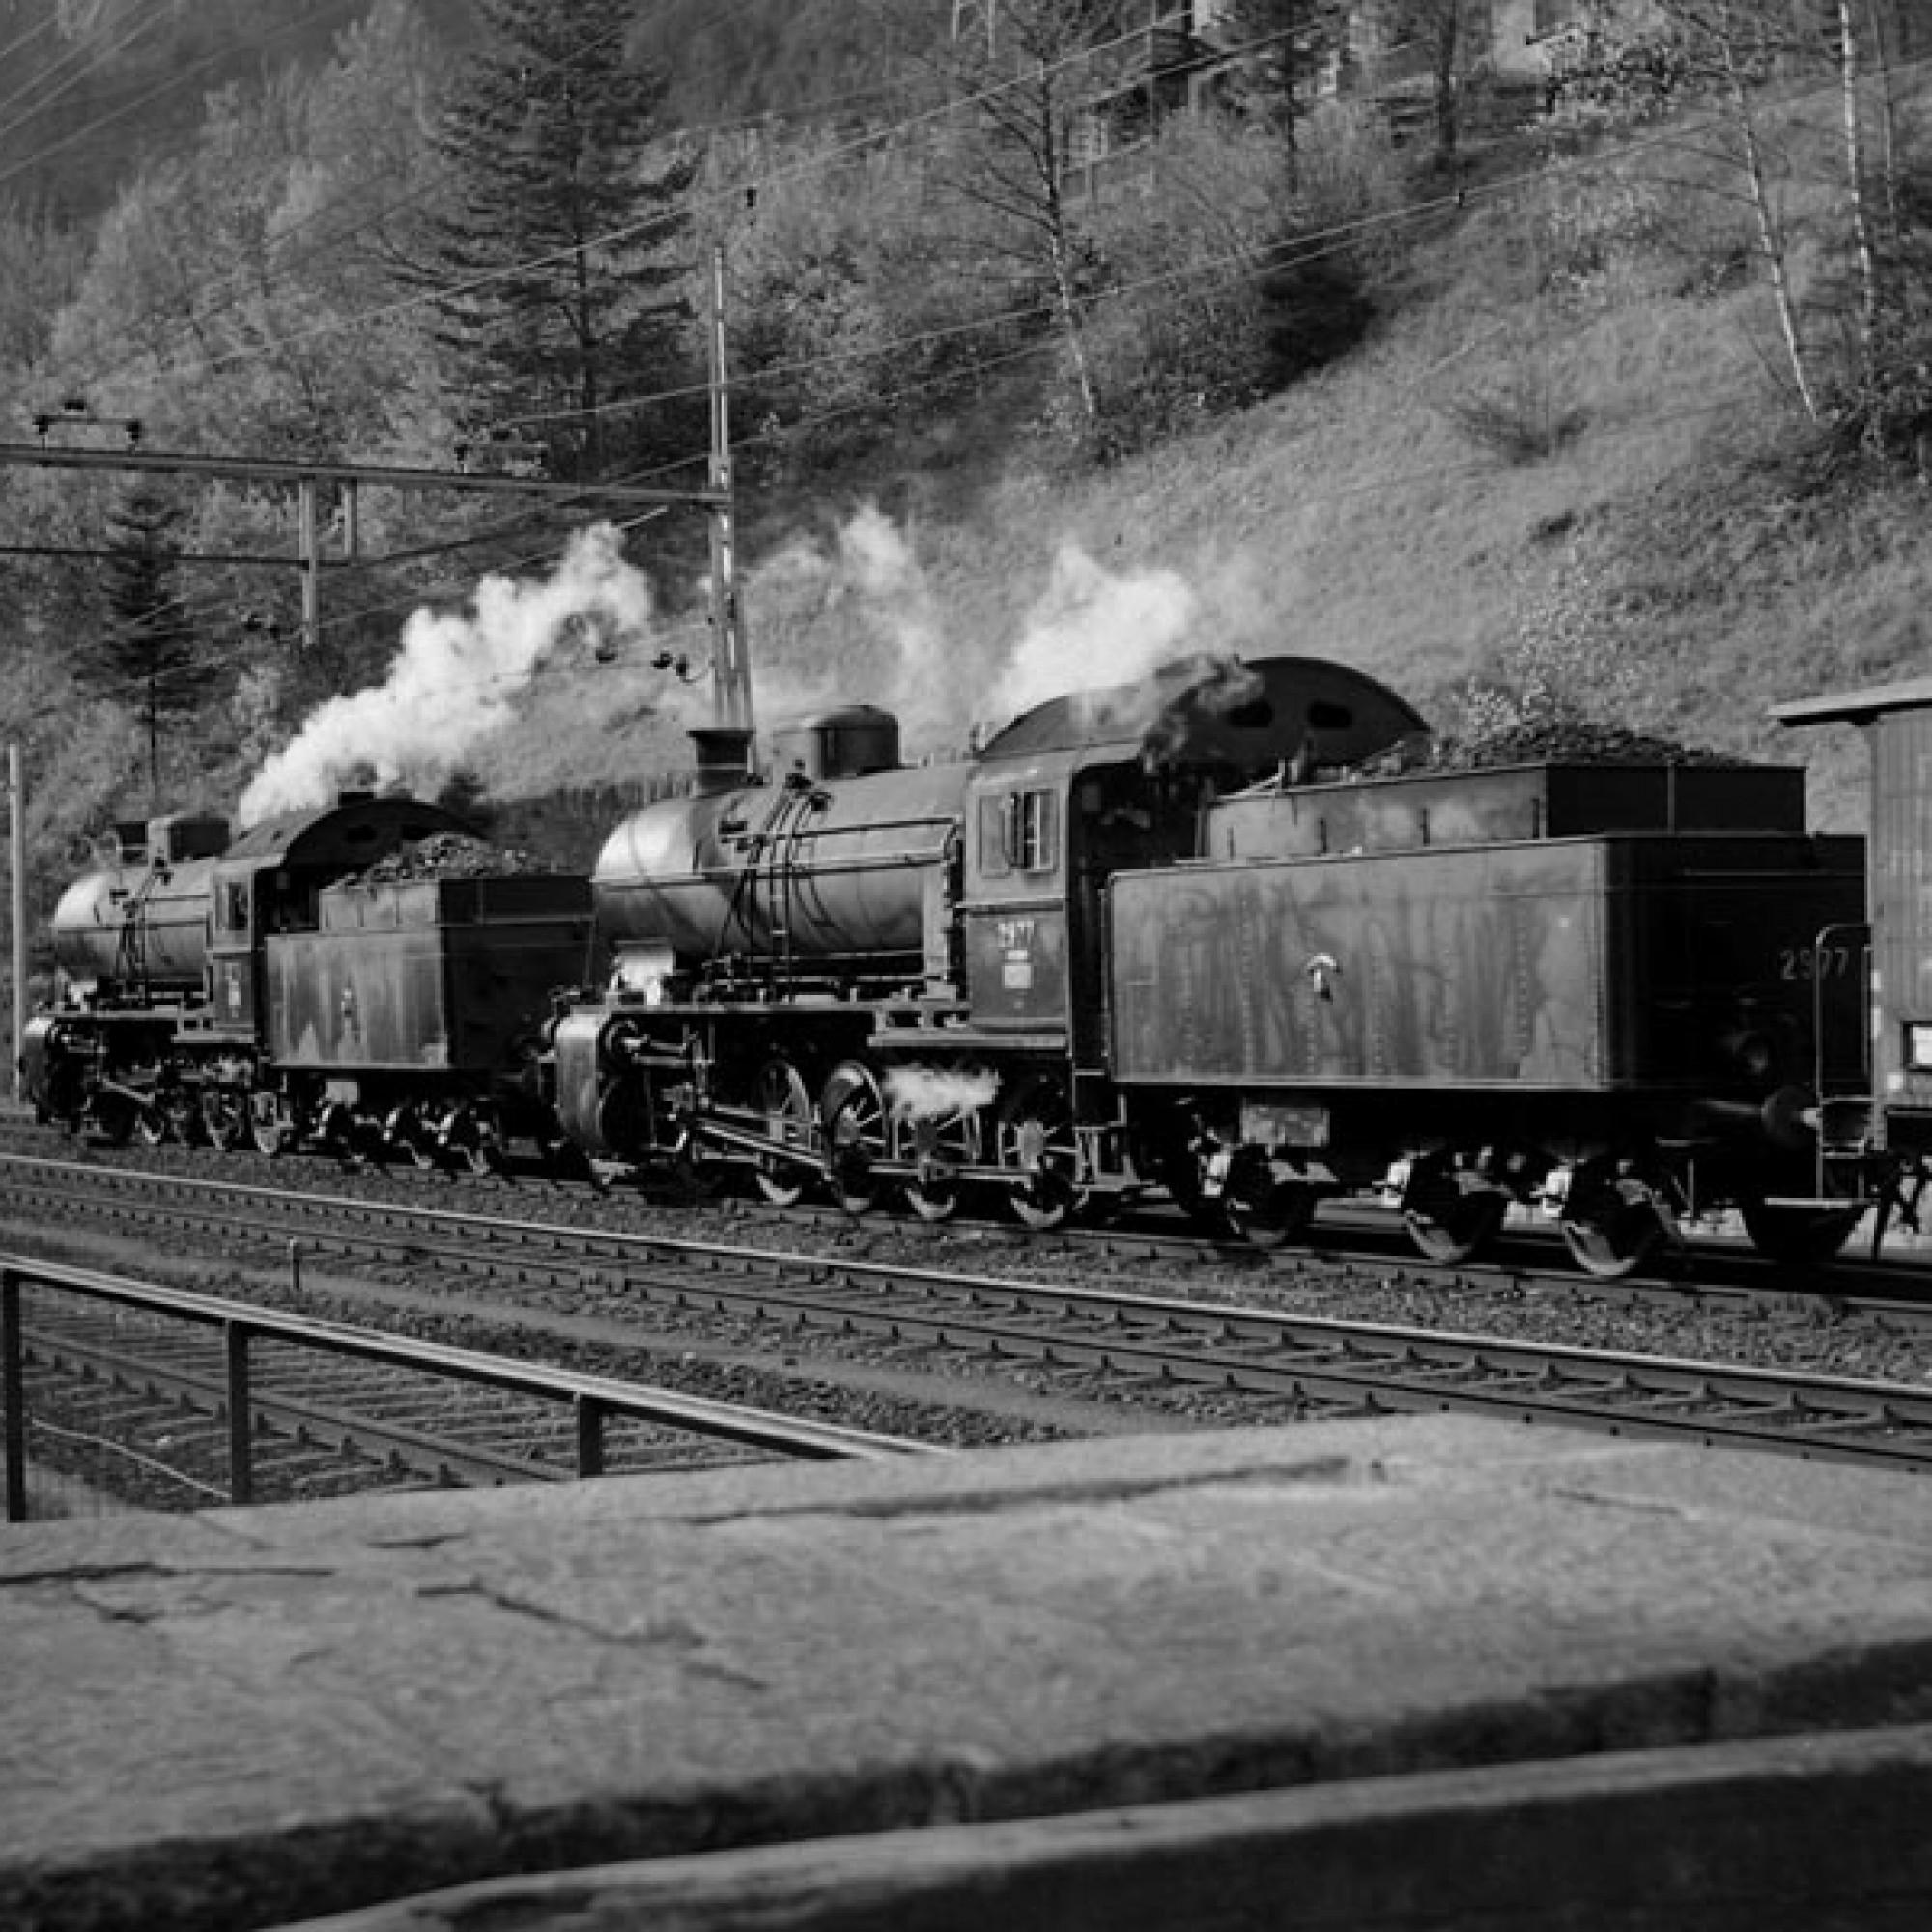 Historische Aufnahme: Der Foto- und Filmgüterzug der Schweizerischen Bundesbahnen (SBB) verkehrte am Montag, den 4.11.1957, im Rahmen des Jubiläums «75 Jahre Gotthardbahn» mit drei Dampflokomotiven der Serie  C 5/6 auf der Gotthard-Nordrampe. Im Bild